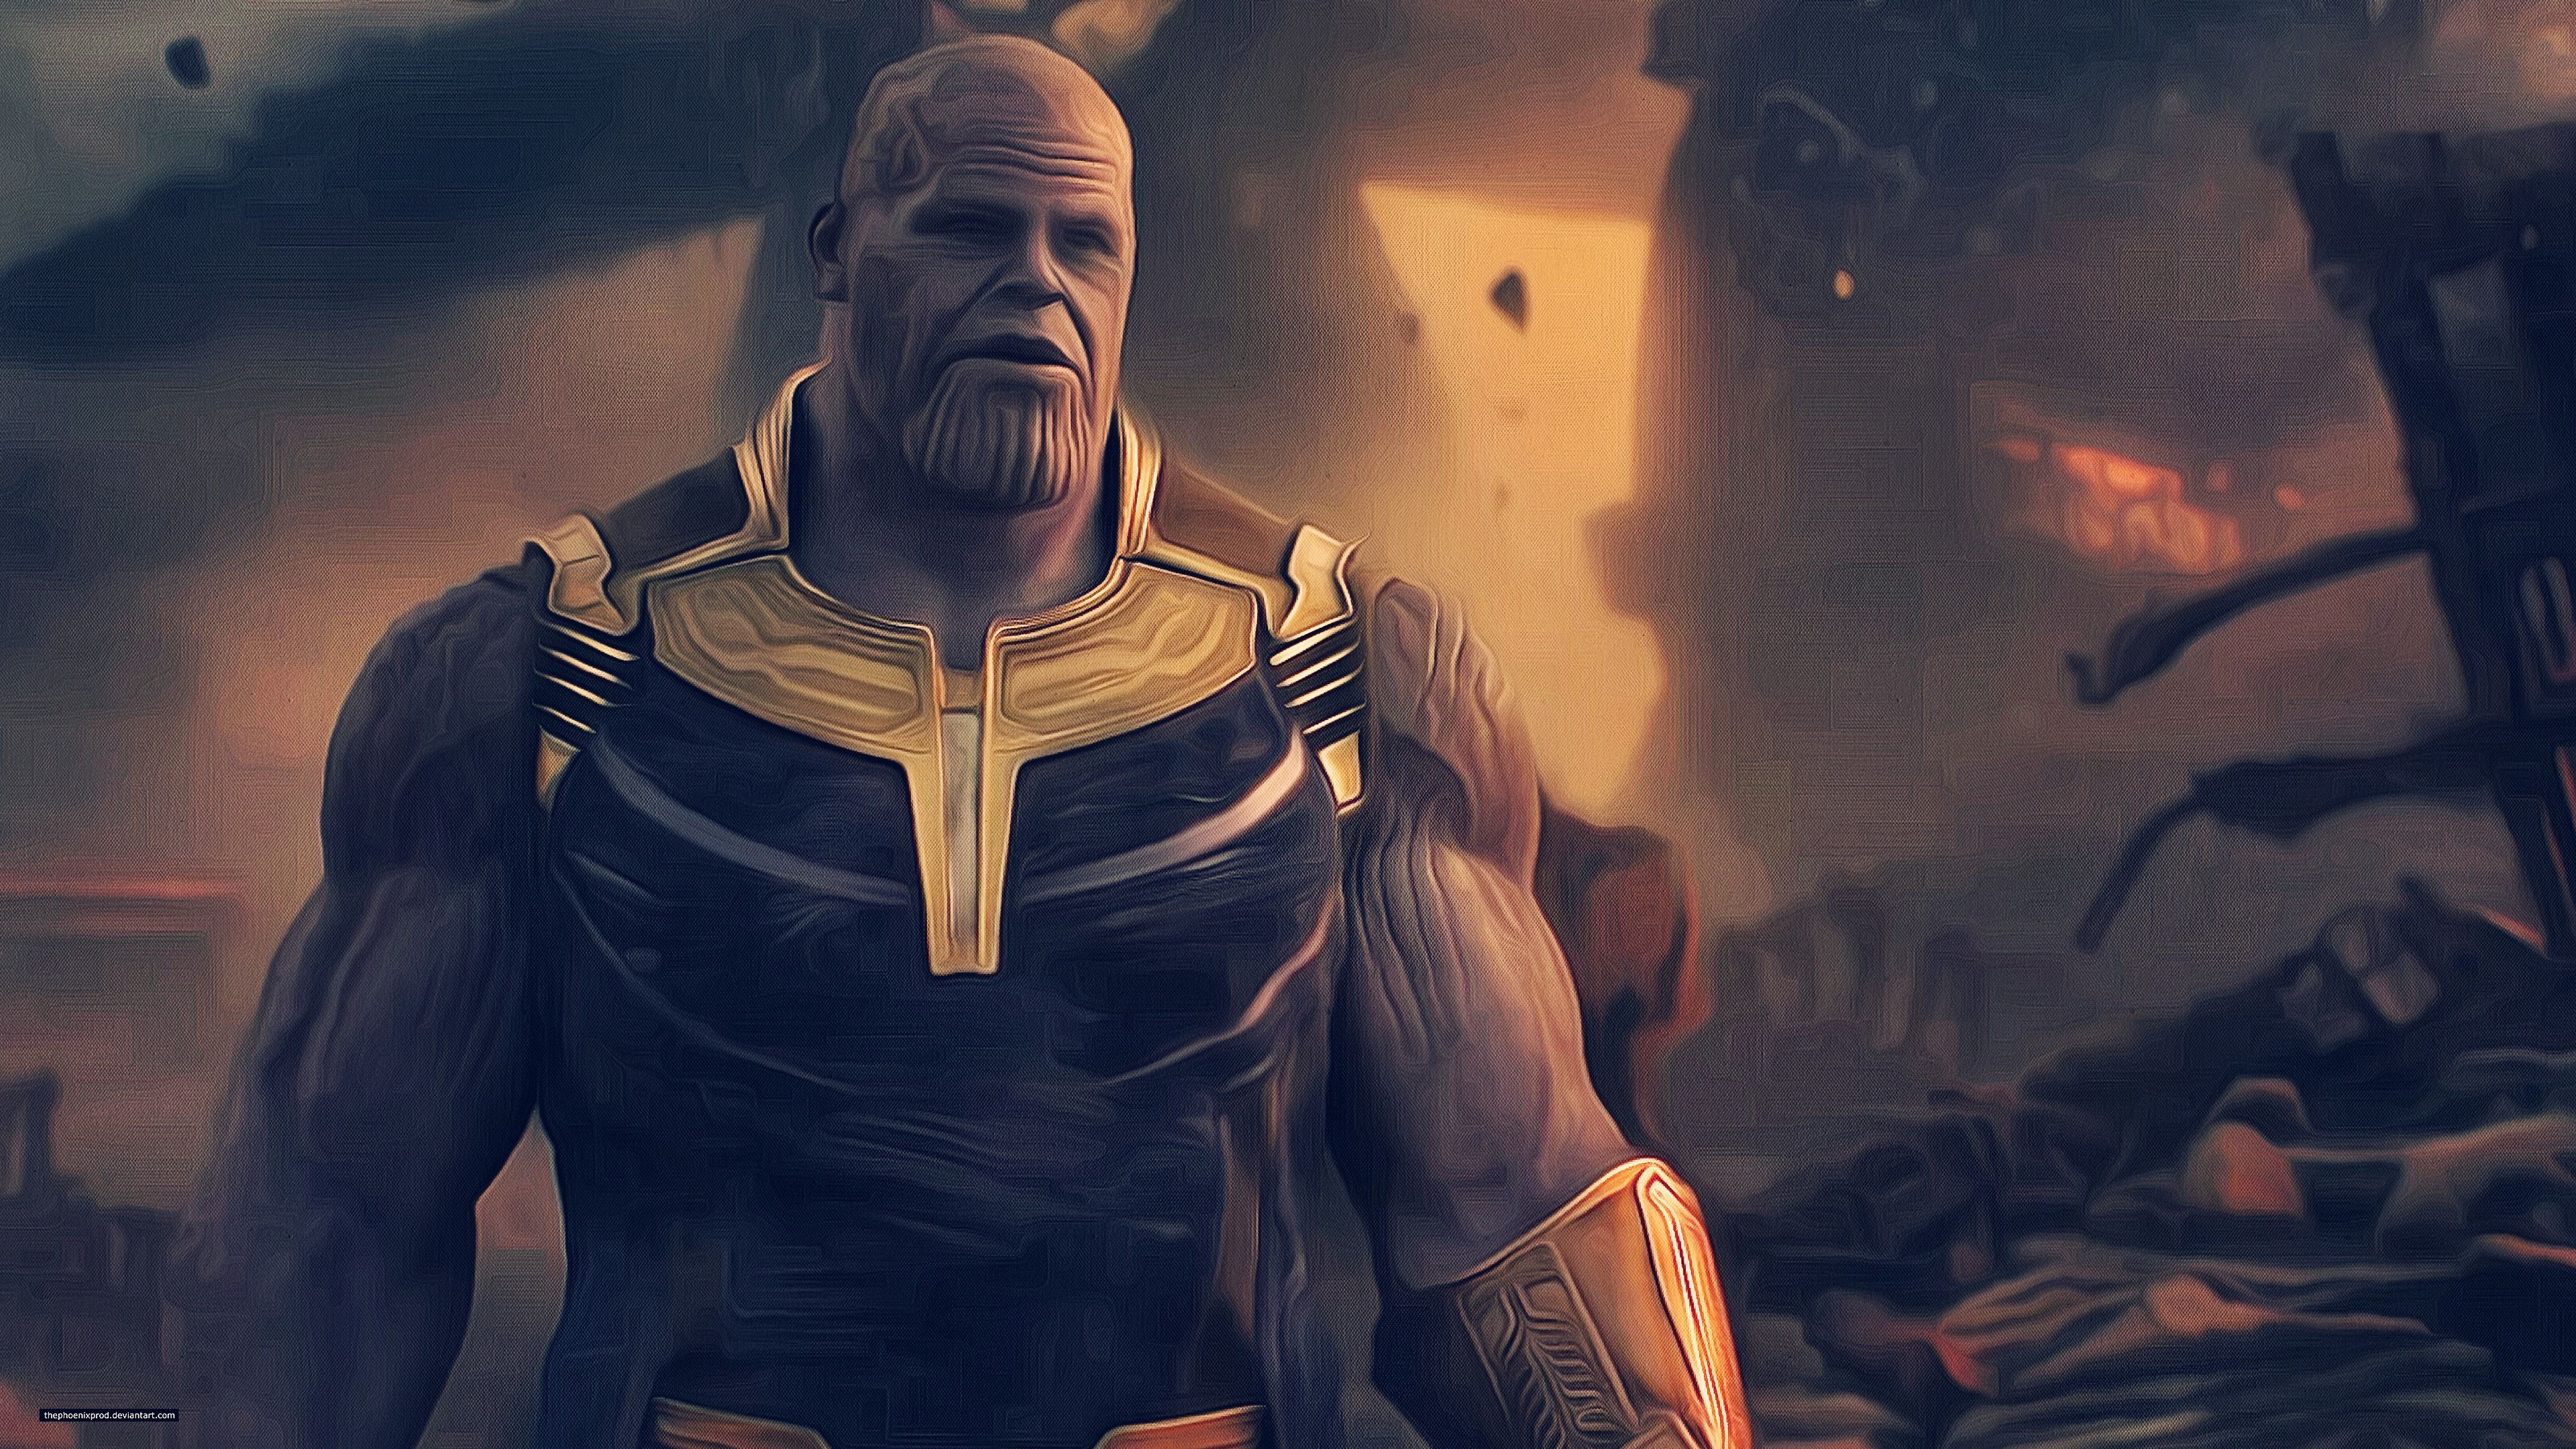 Wallpaper 4k Thanos Avengers Infinity War 4k Avengers Infinity